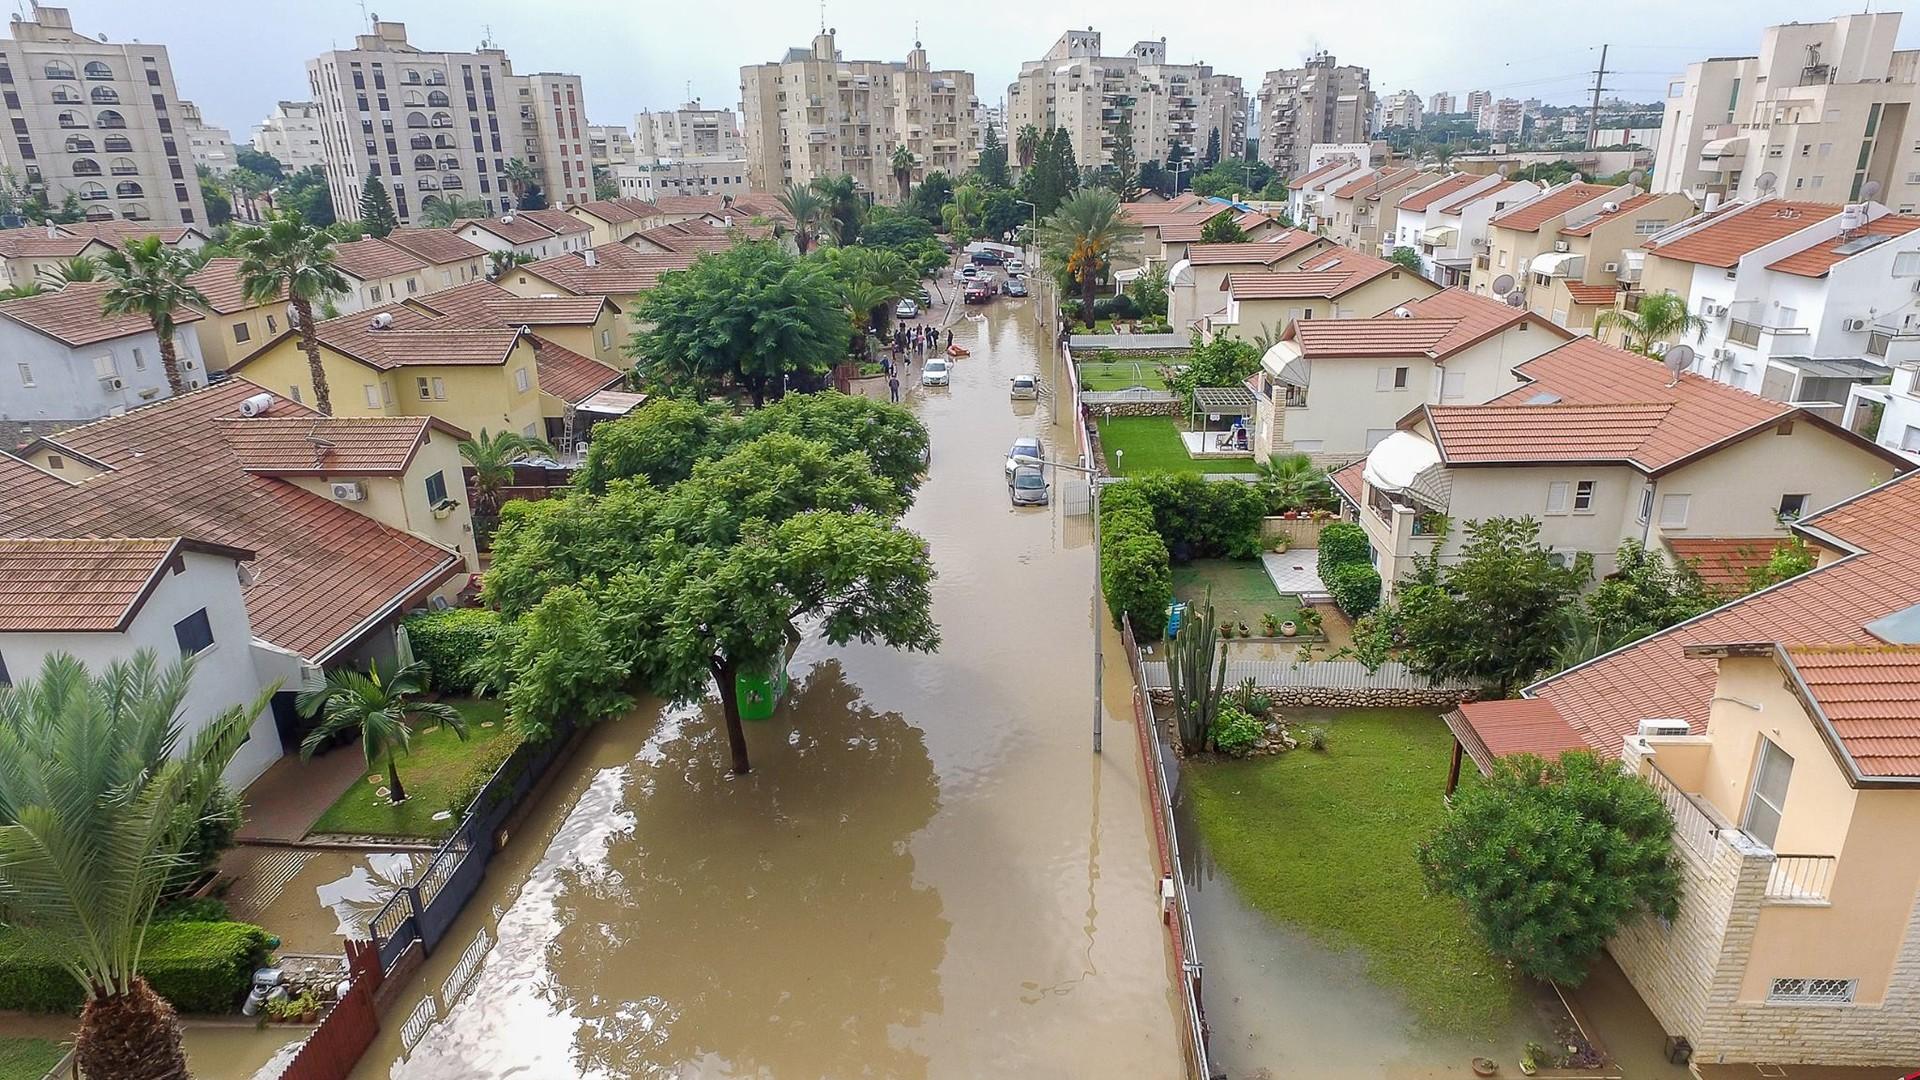 Сильные наводнения обрушились на Израиль после одного из самых дождливых дней в истории страны  - фото 6